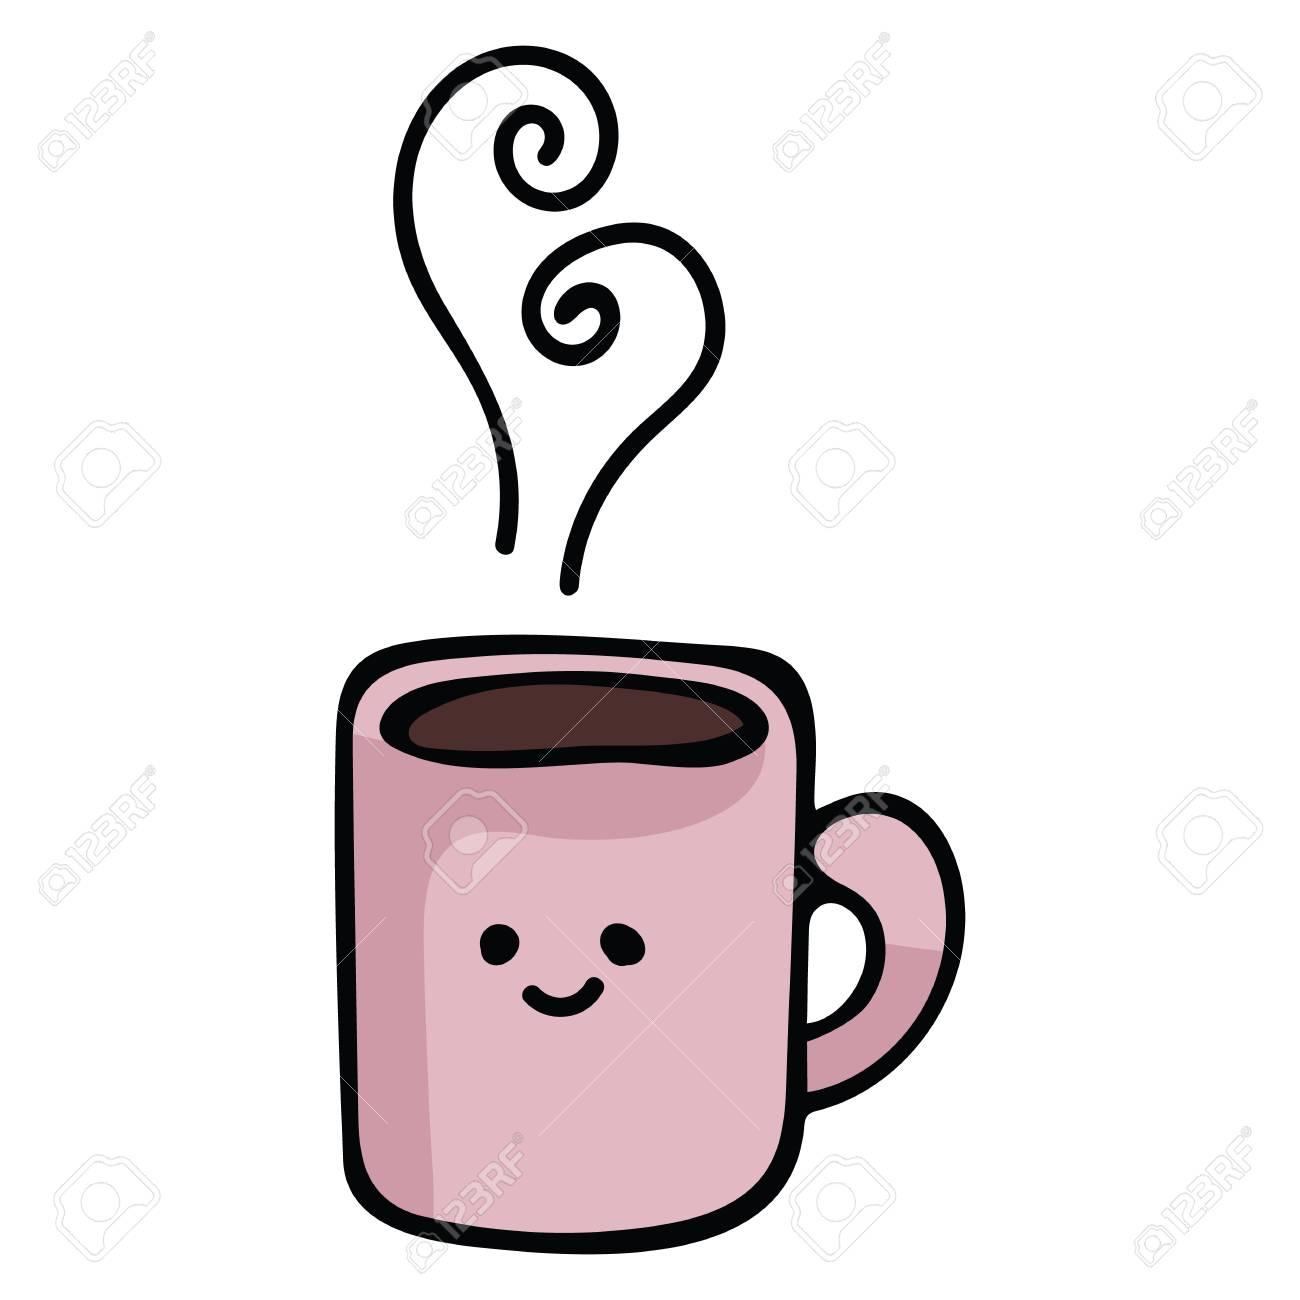 kawaii coffee mug cartoon vector illustration motif set hand royalty free cliparts vectors and stock illustration image 115907860 kawaii coffee mug cartoon vector illustration motif set hand